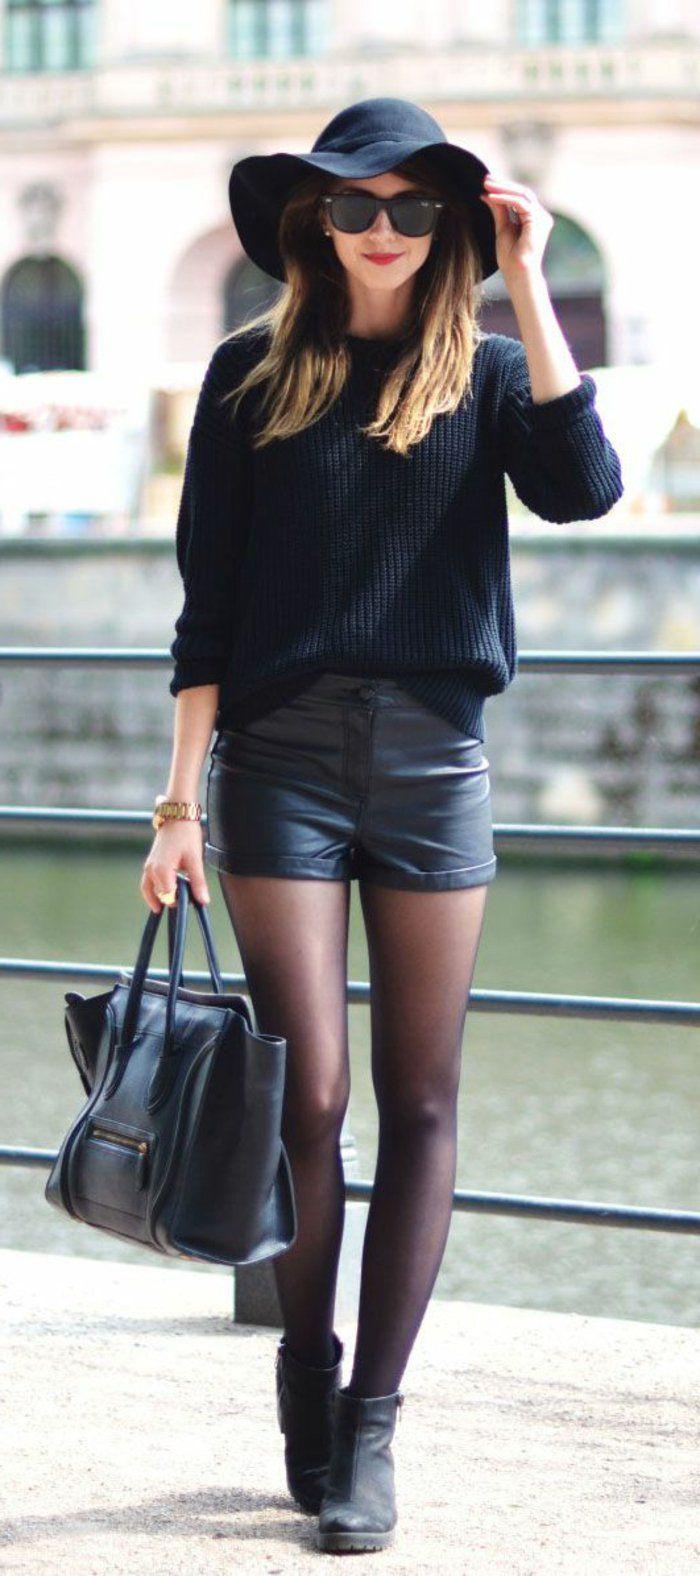 Comment porter la capeline noire 65 id es de tenue originale capeline noire - Tenue originale femme ...